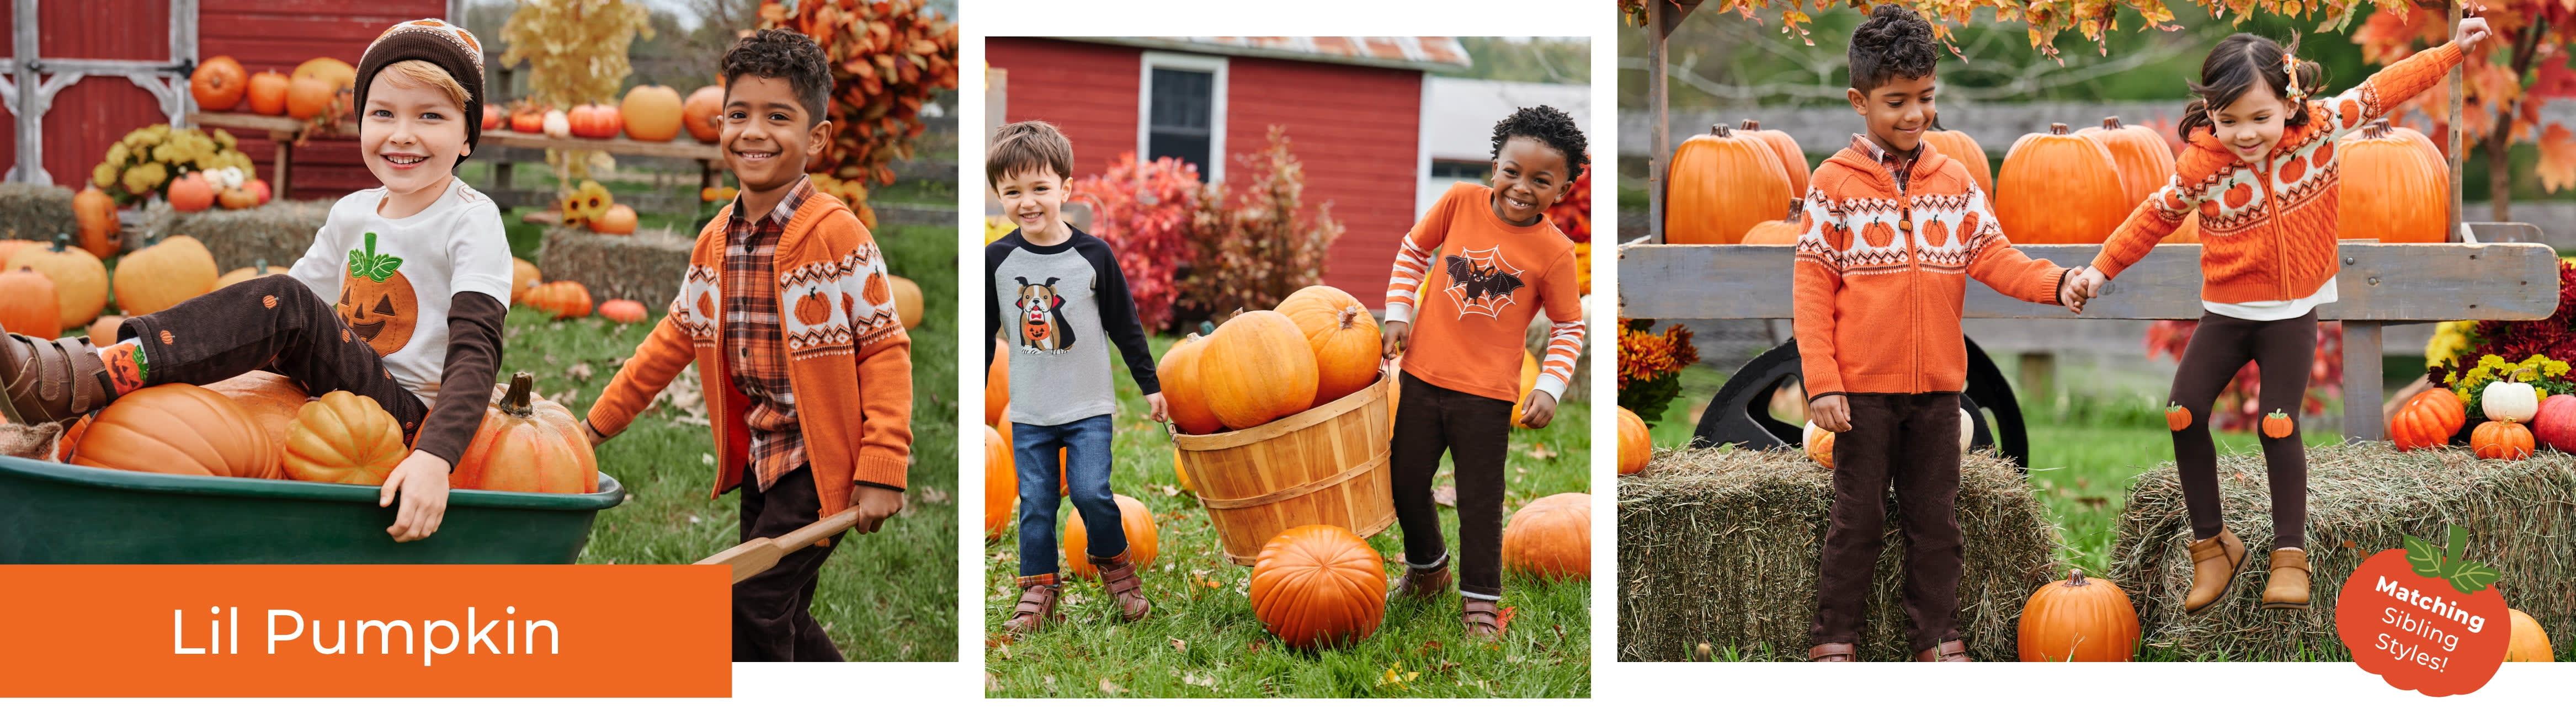 Chico Lil Pumpkin